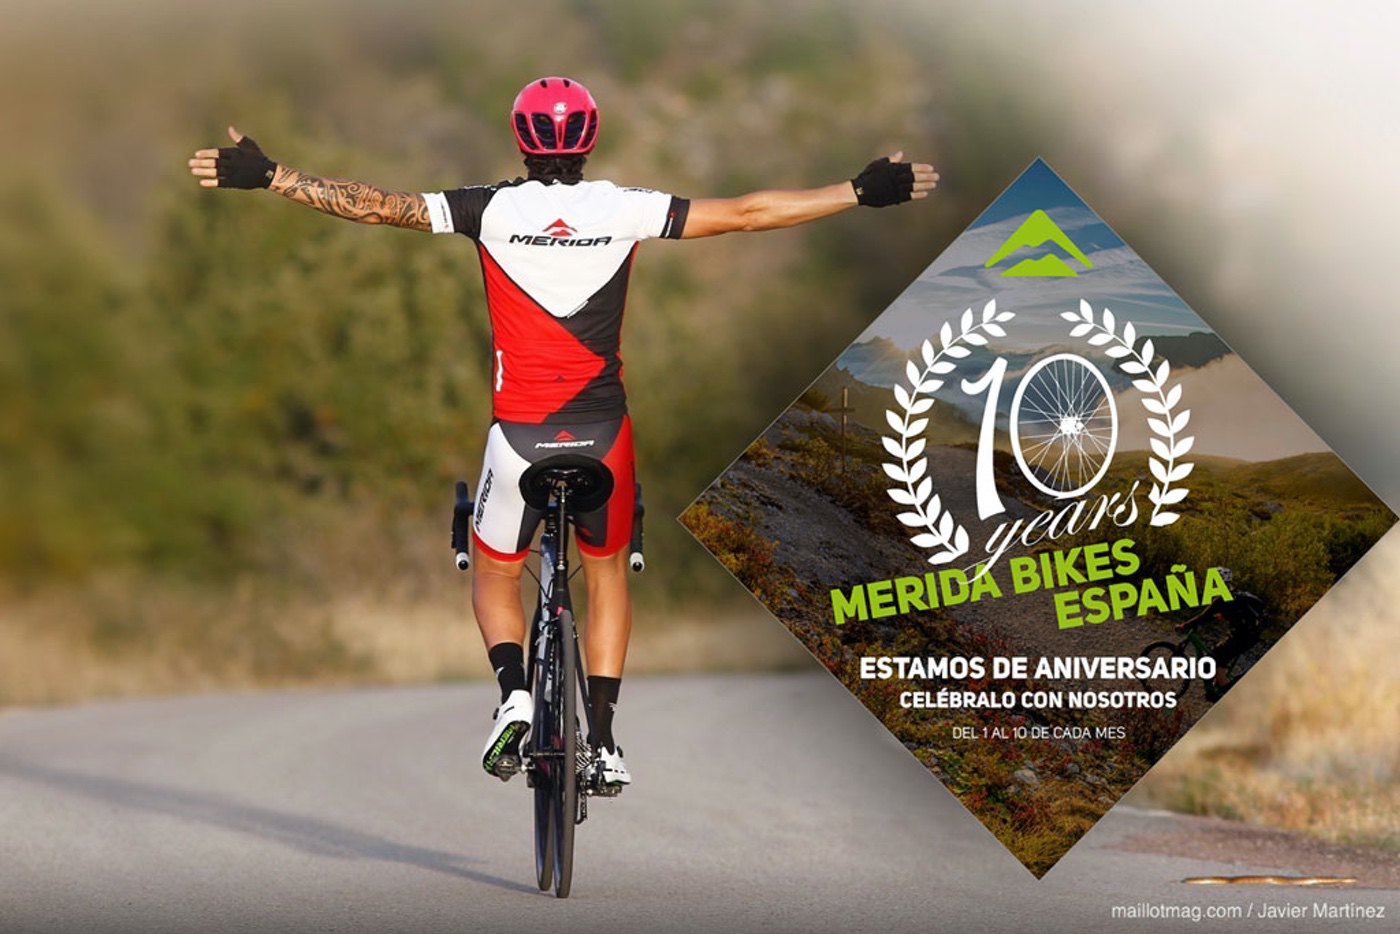 Merida Bikes SWE celebra su 10º aniversario